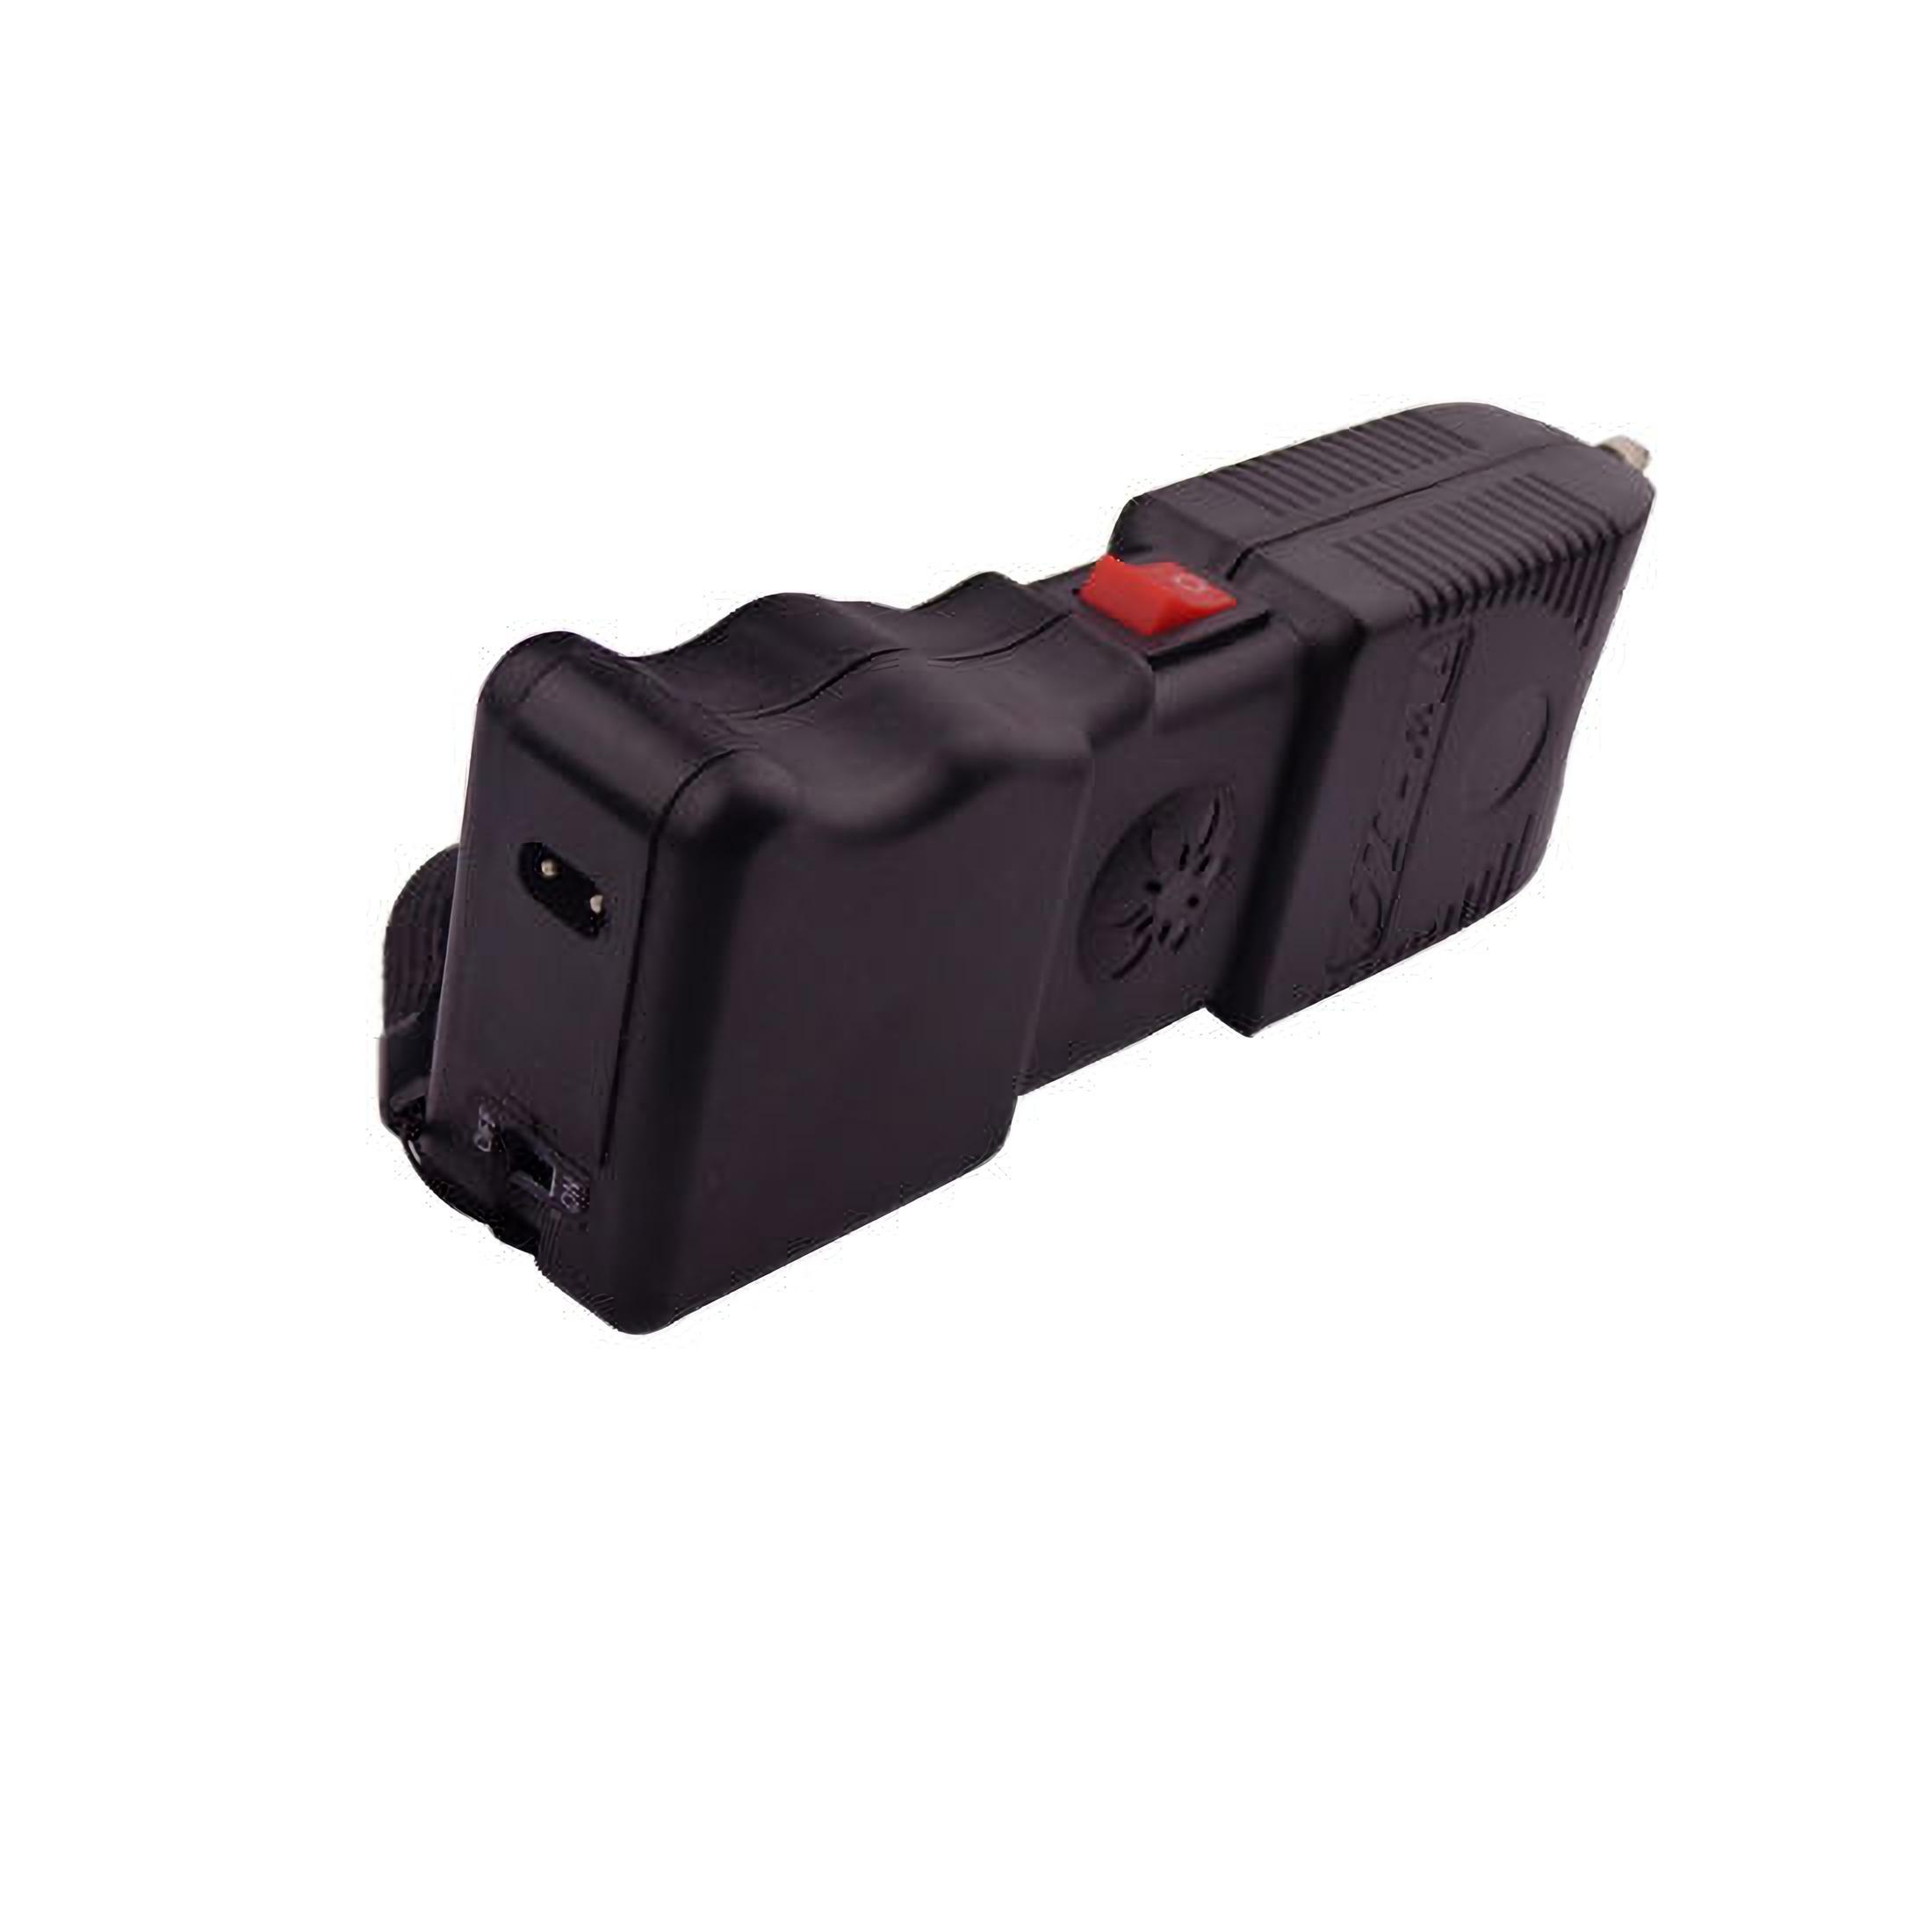 Electrosoc cu alarma MRG P-TW-10, Cu lanterna, Autoaparare, Negru